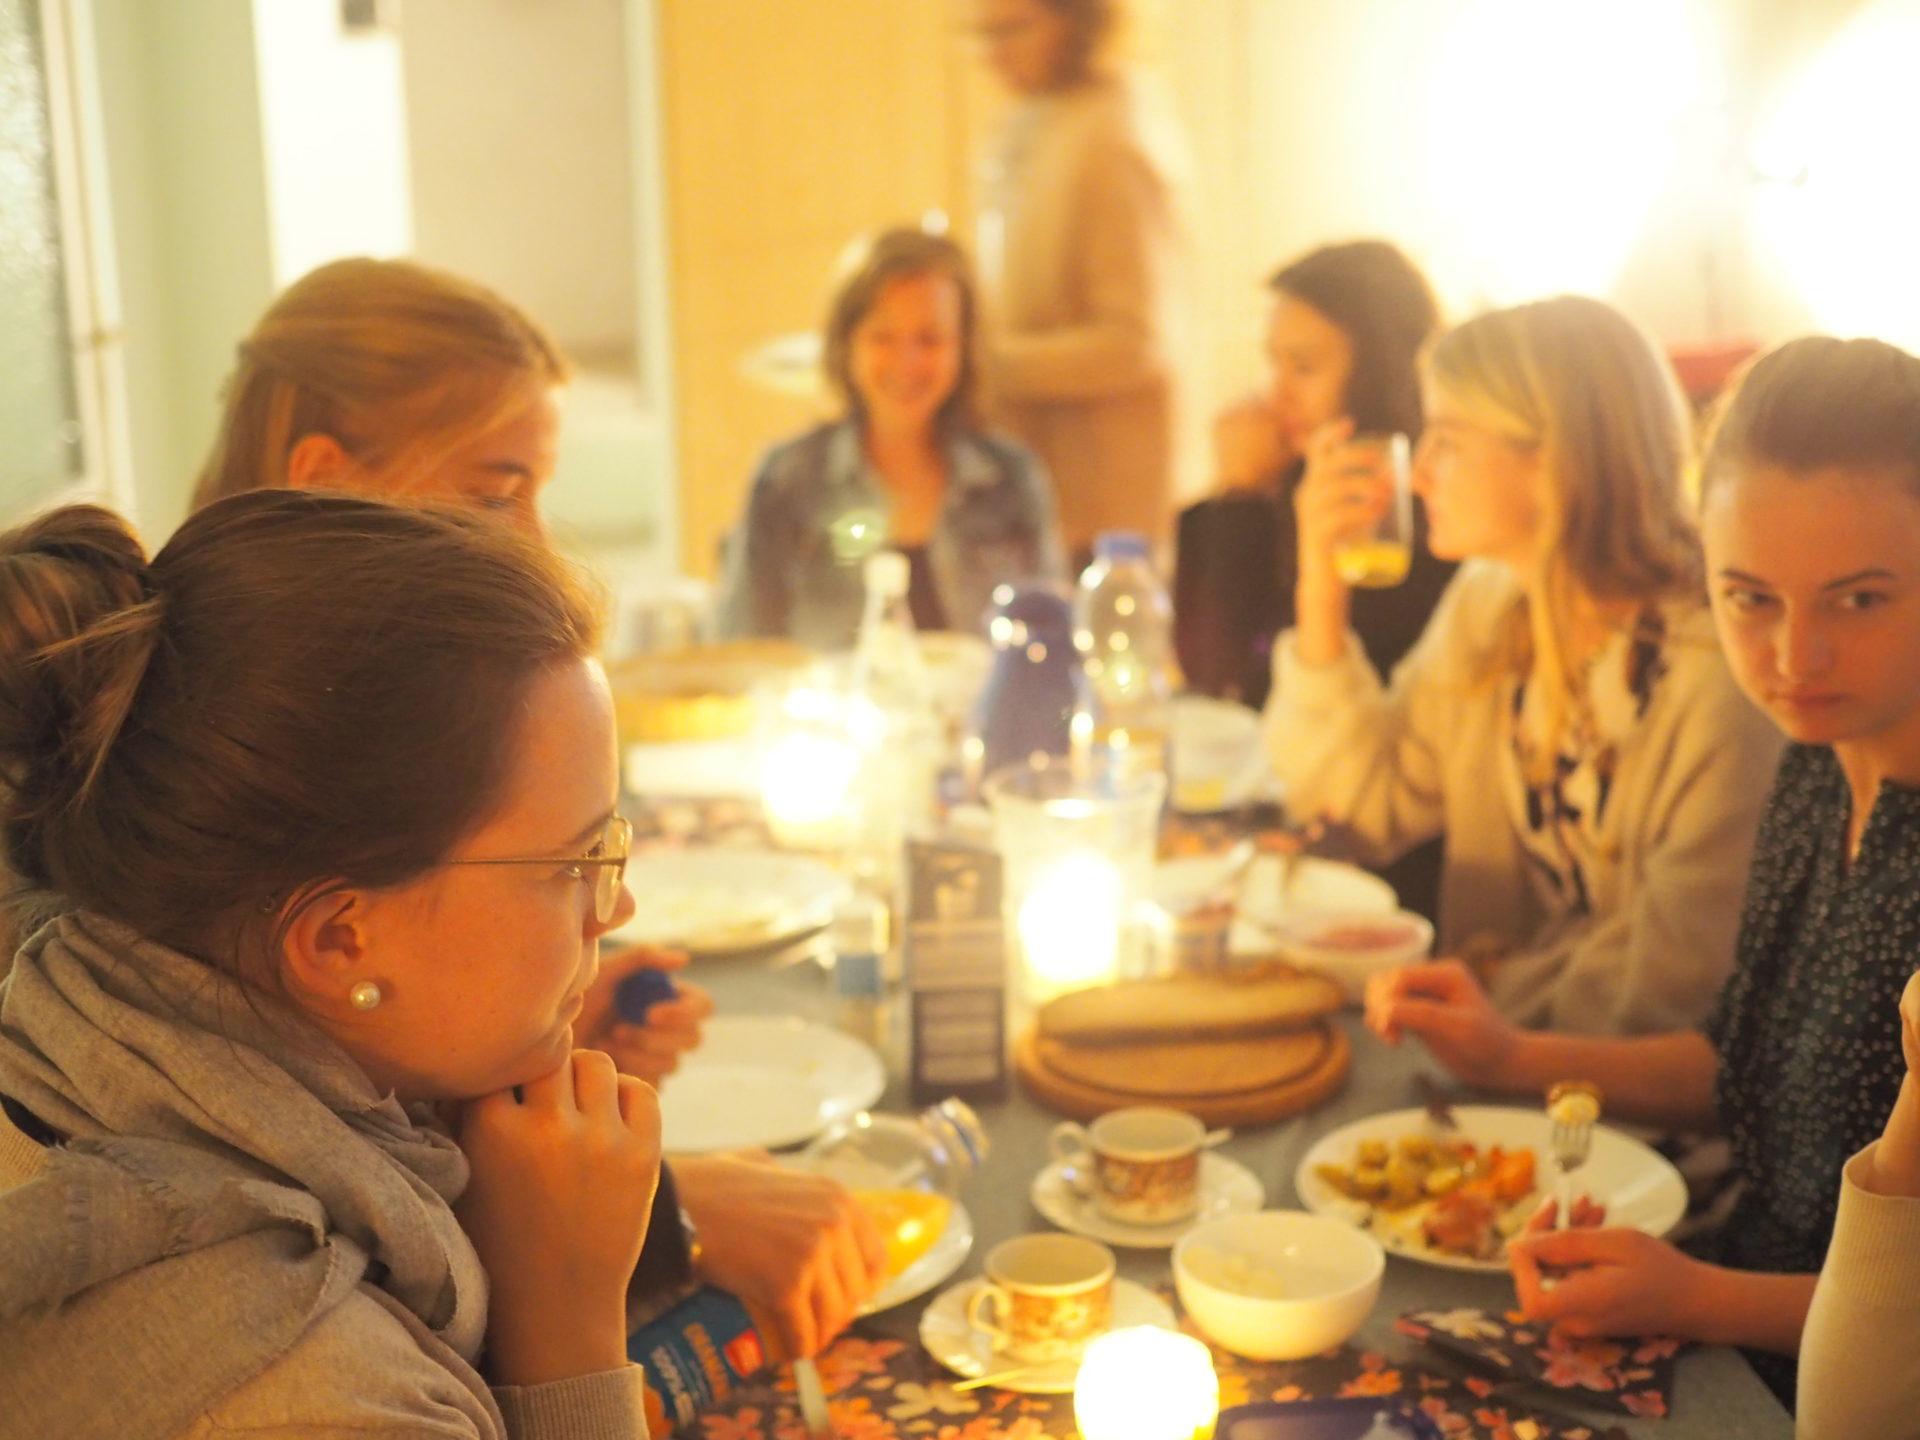 Frauen beim Essen